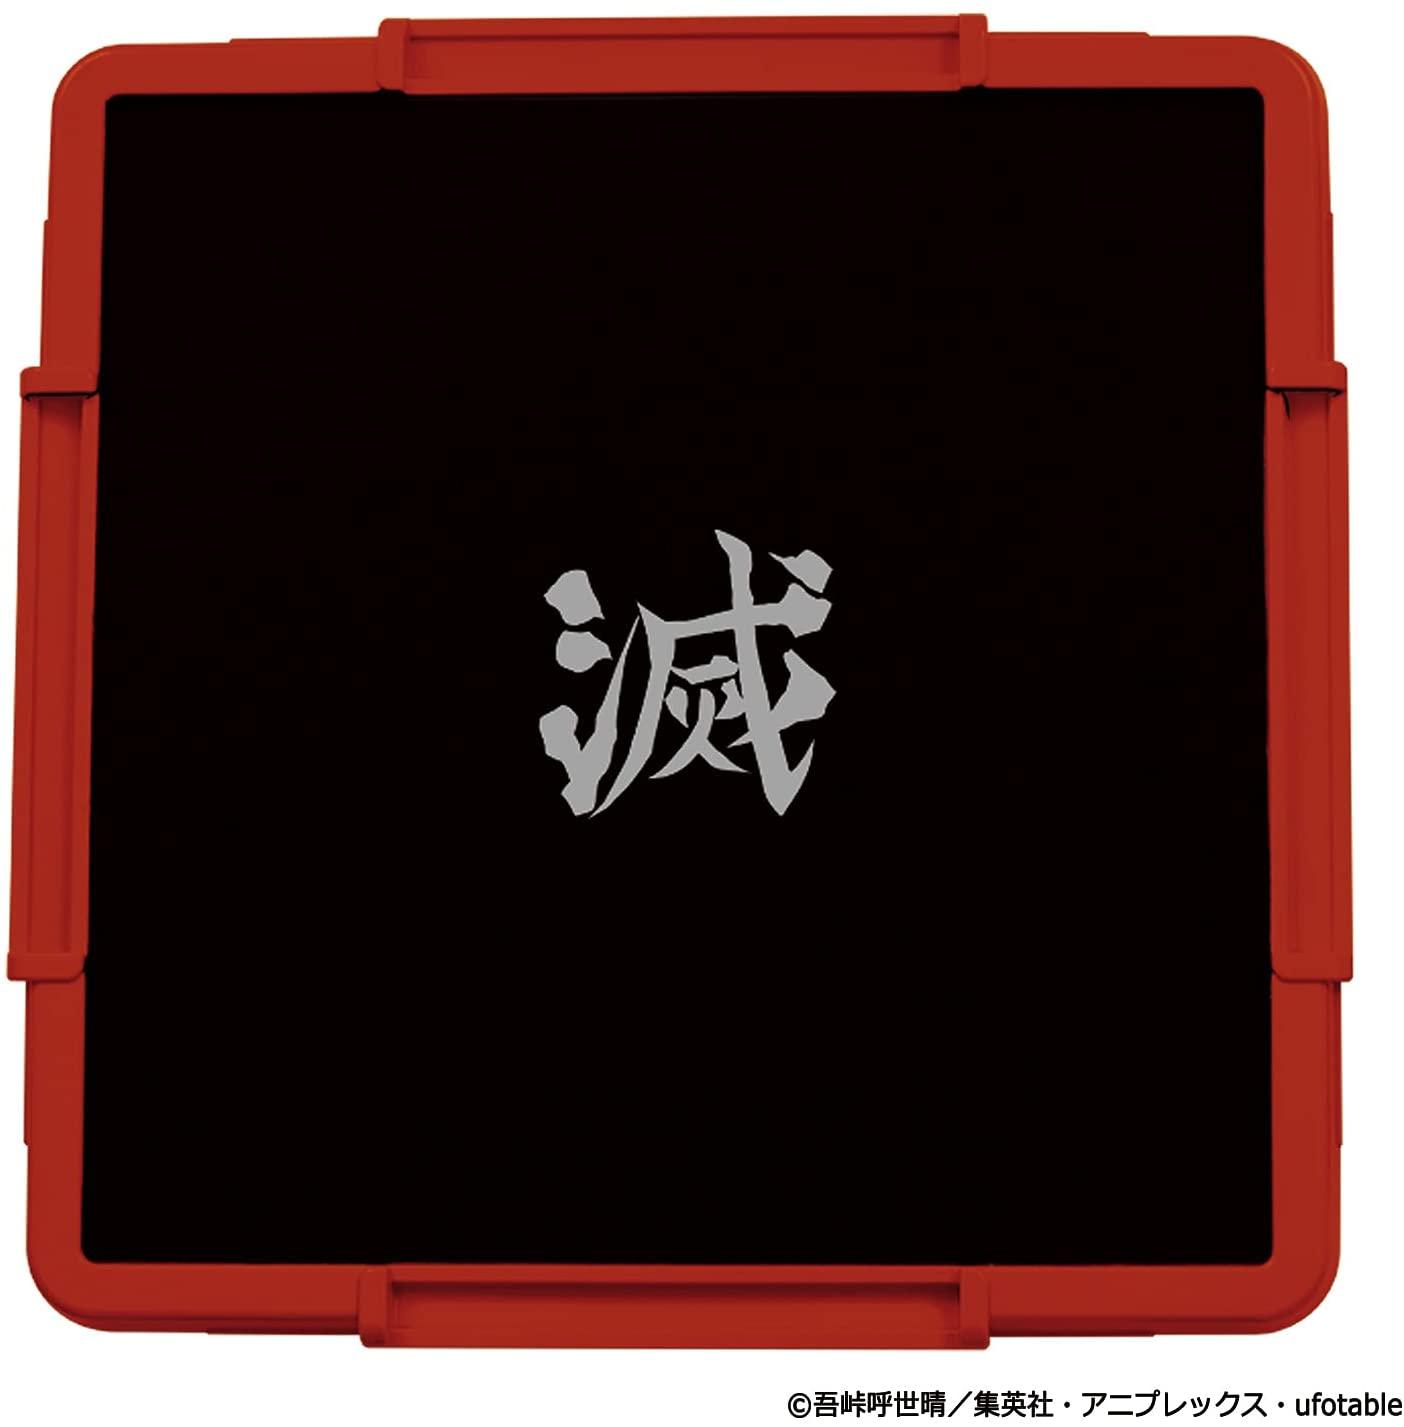 鬼滅の刃『ドンジャラ鬼滅の刃2』ボードゲーム-010